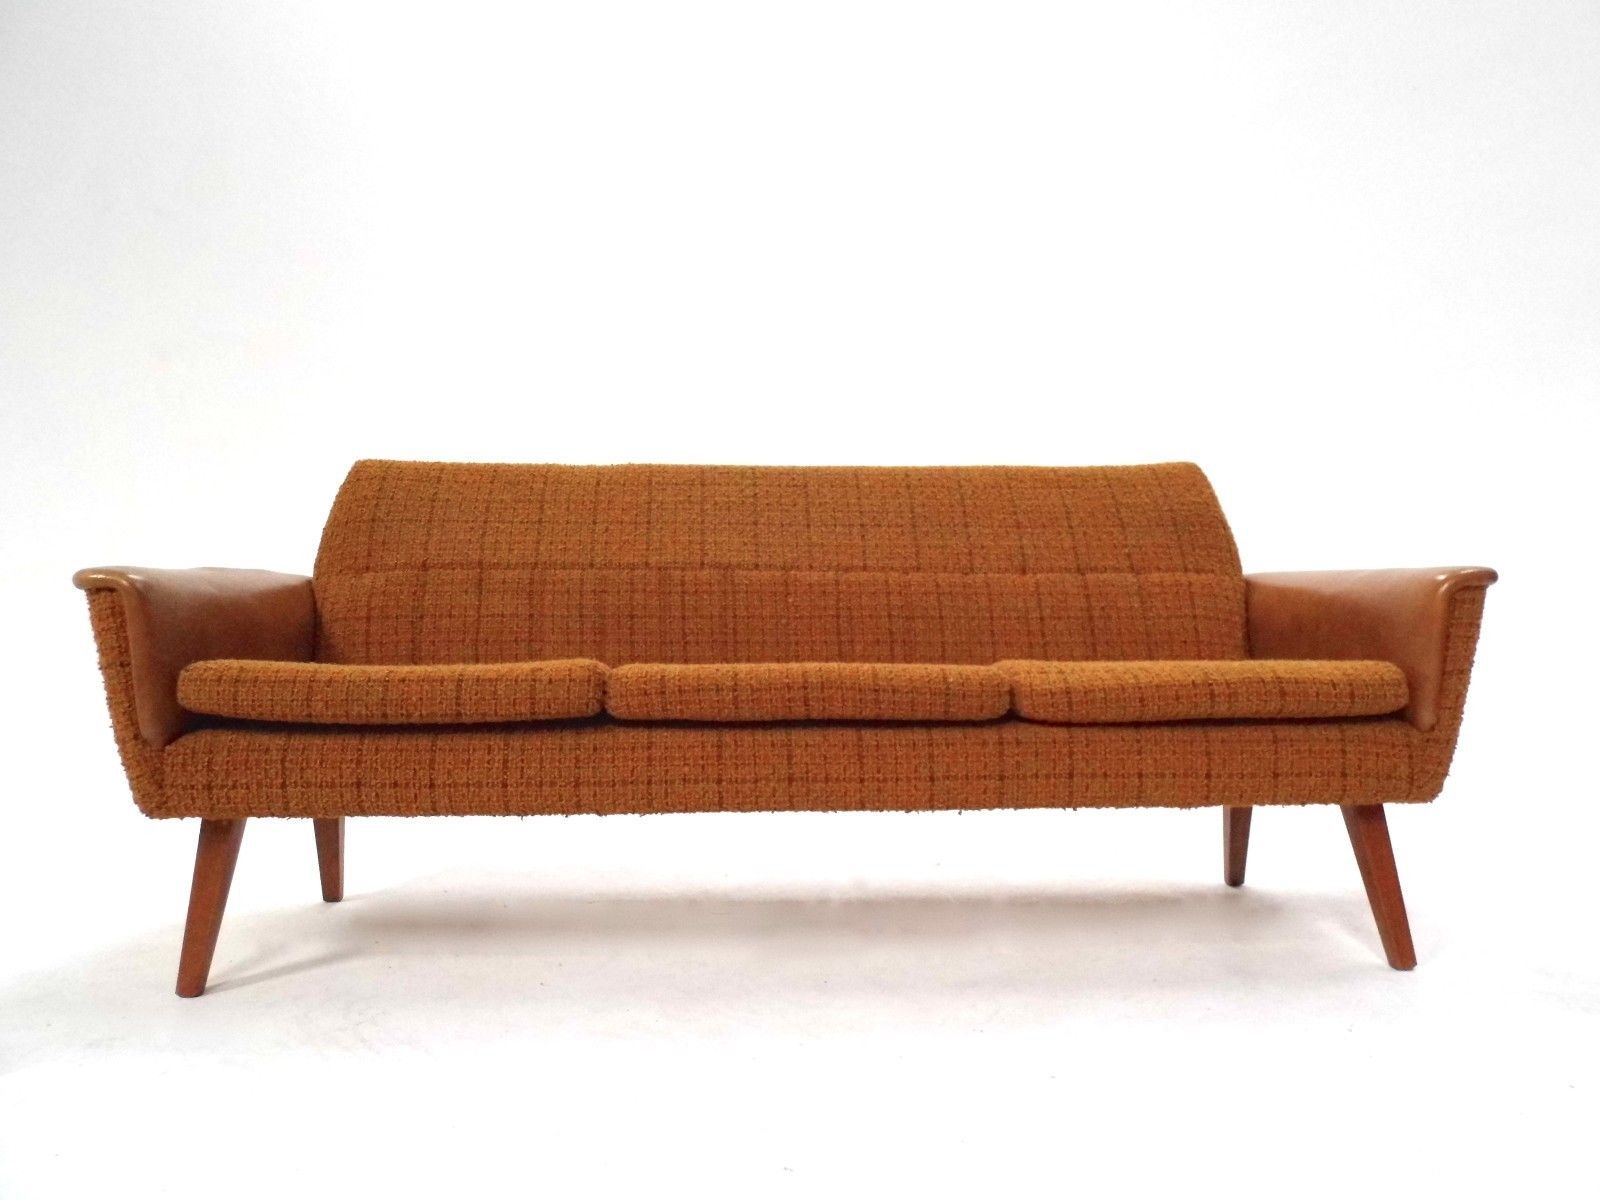 canap trois places scandinave en laine orange jaune et vinyle 1960s en vente sur pamono. Black Bedroom Furniture Sets. Home Design Ideas